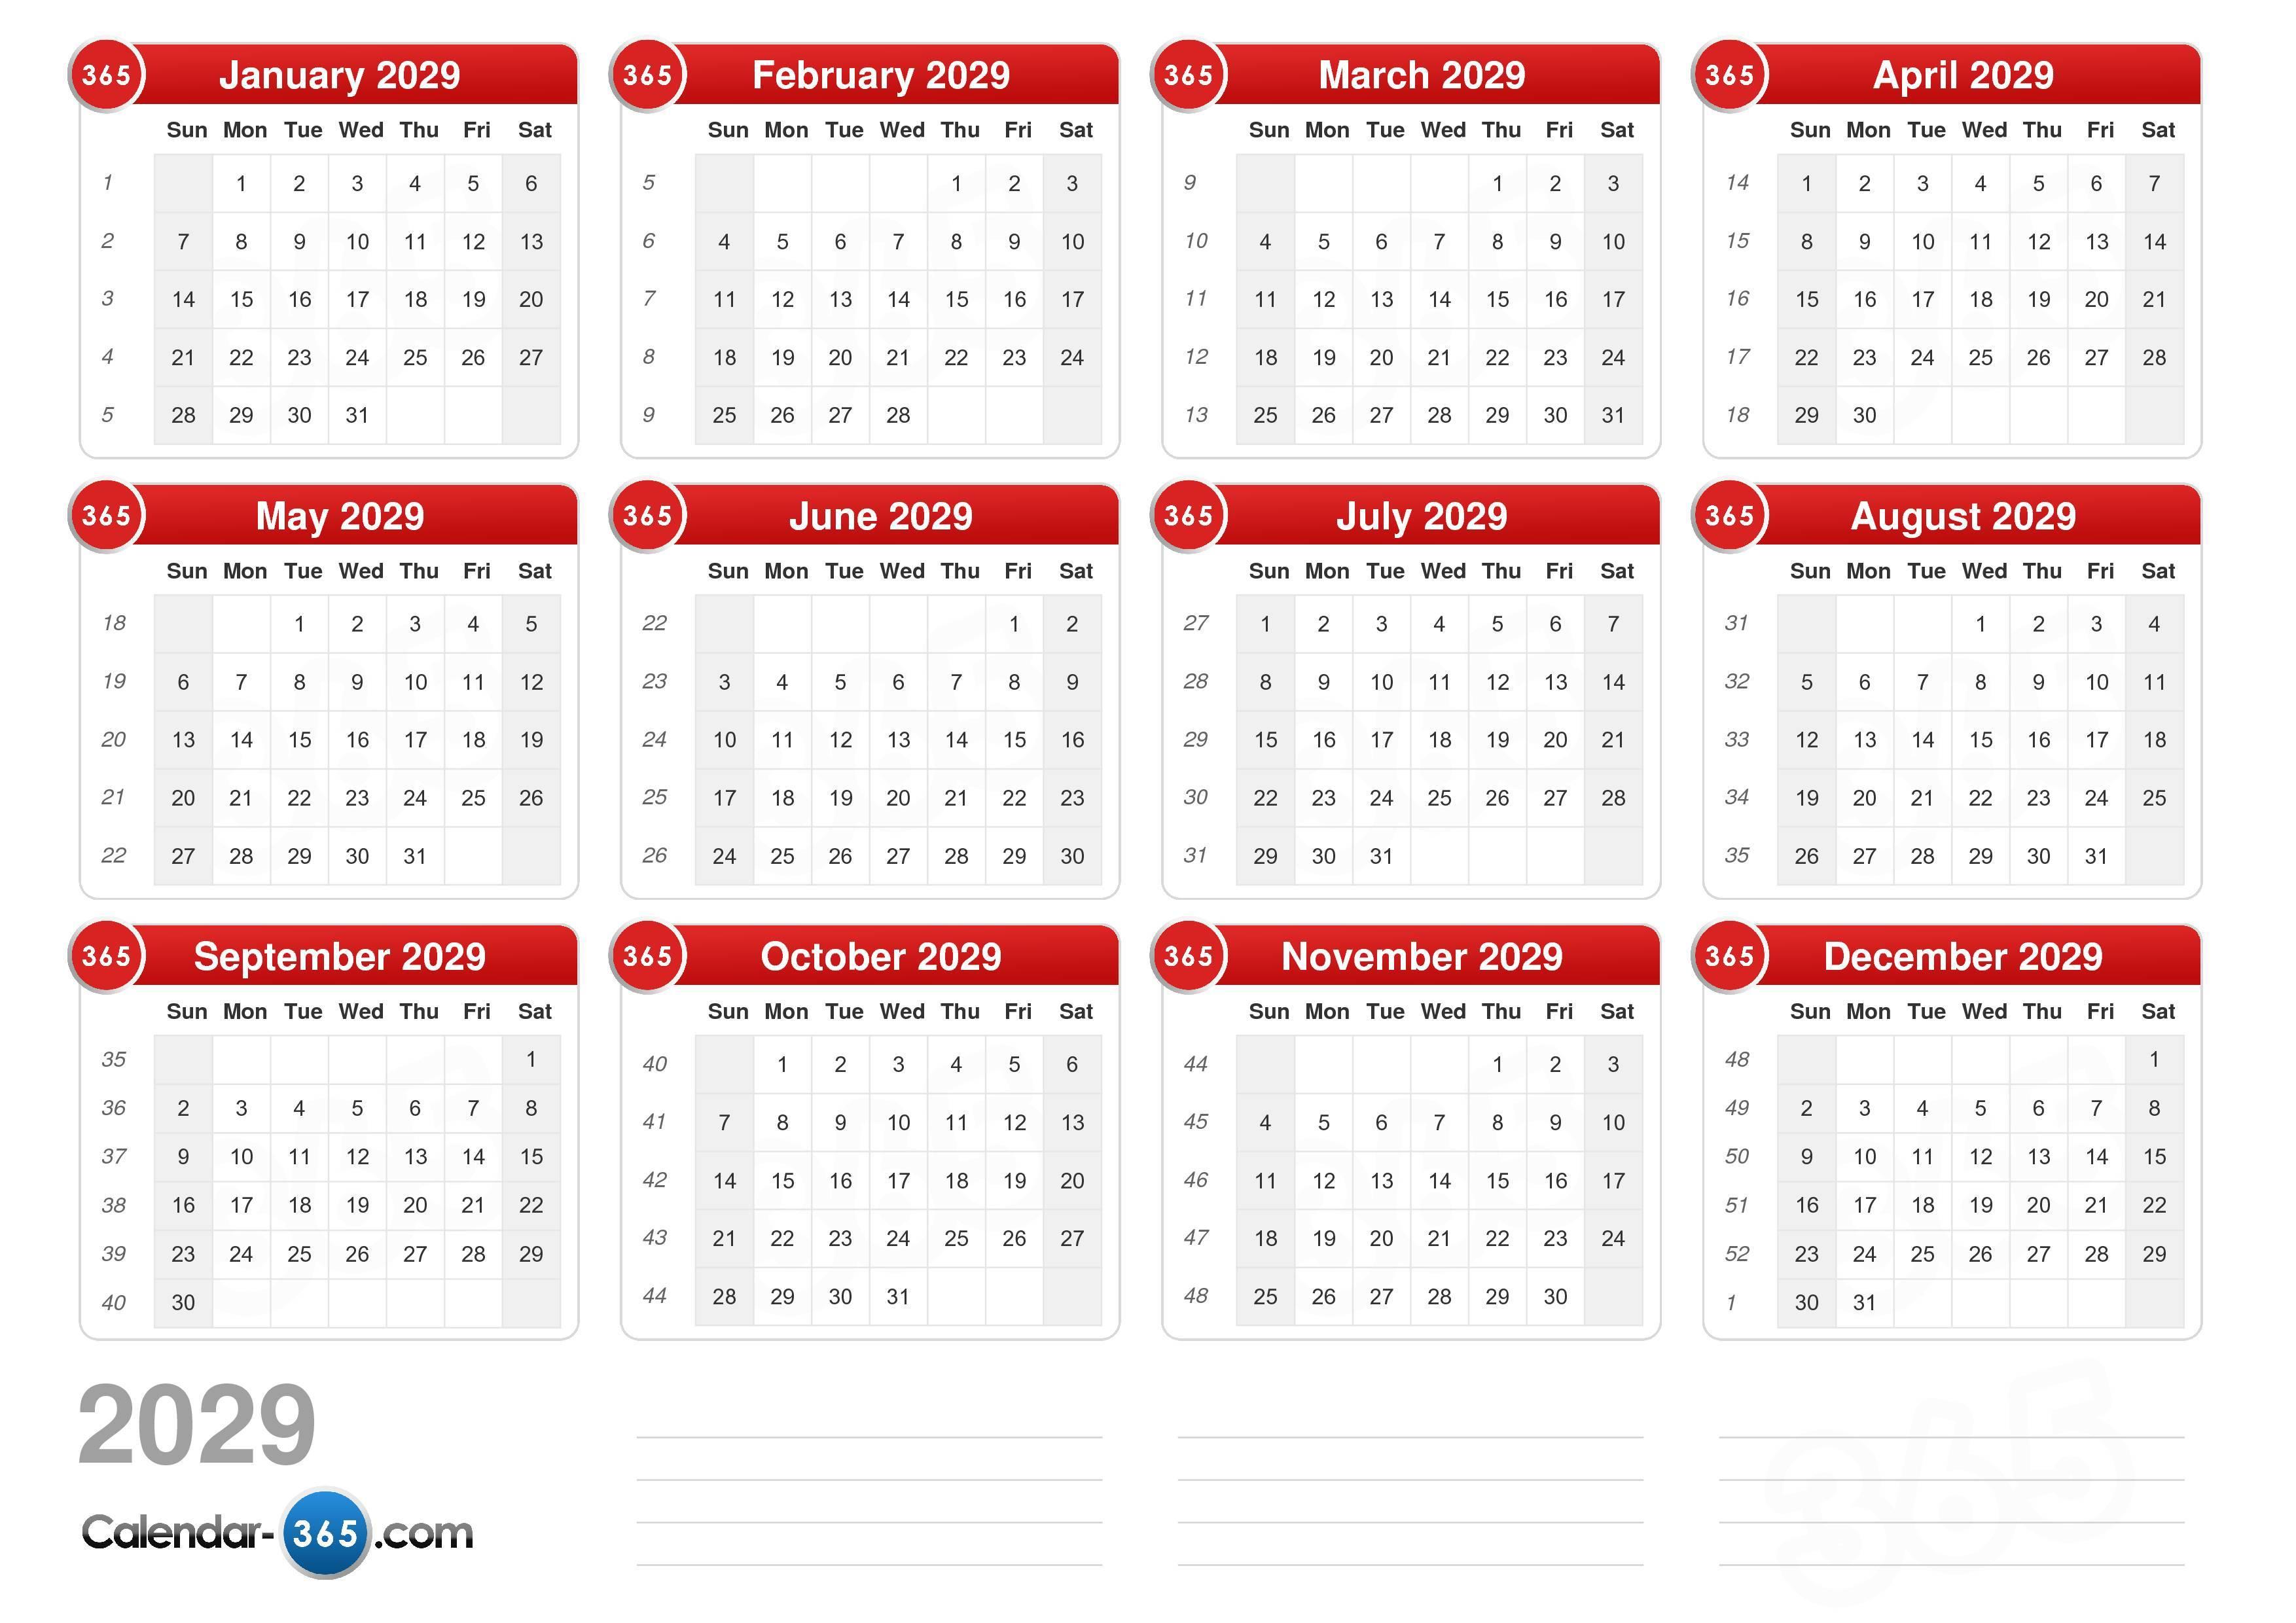 2029 Calendar (v2)